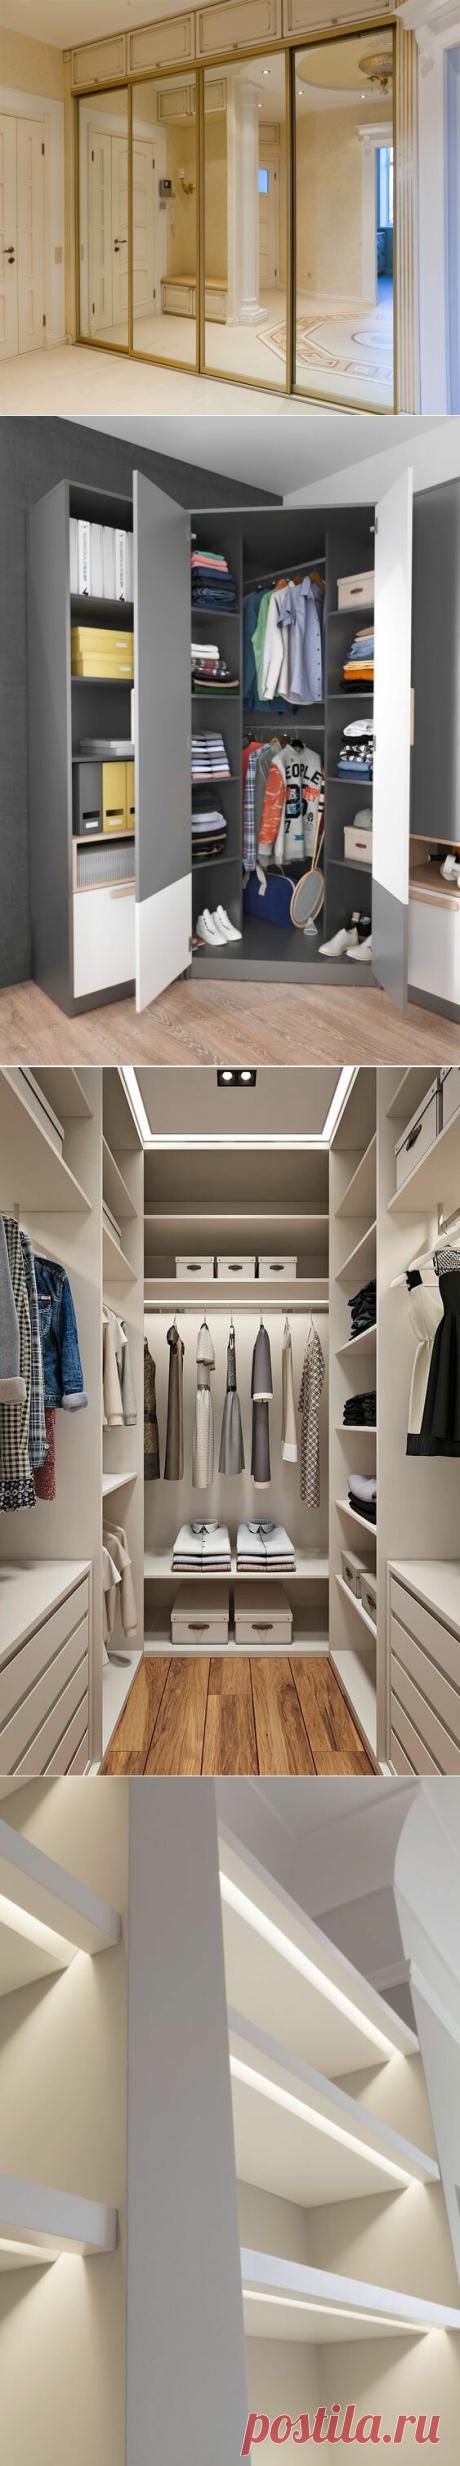 Как выбрать шкаф купе, если комната маленкая? | Интересный Интерьер | Яндекс Дзен